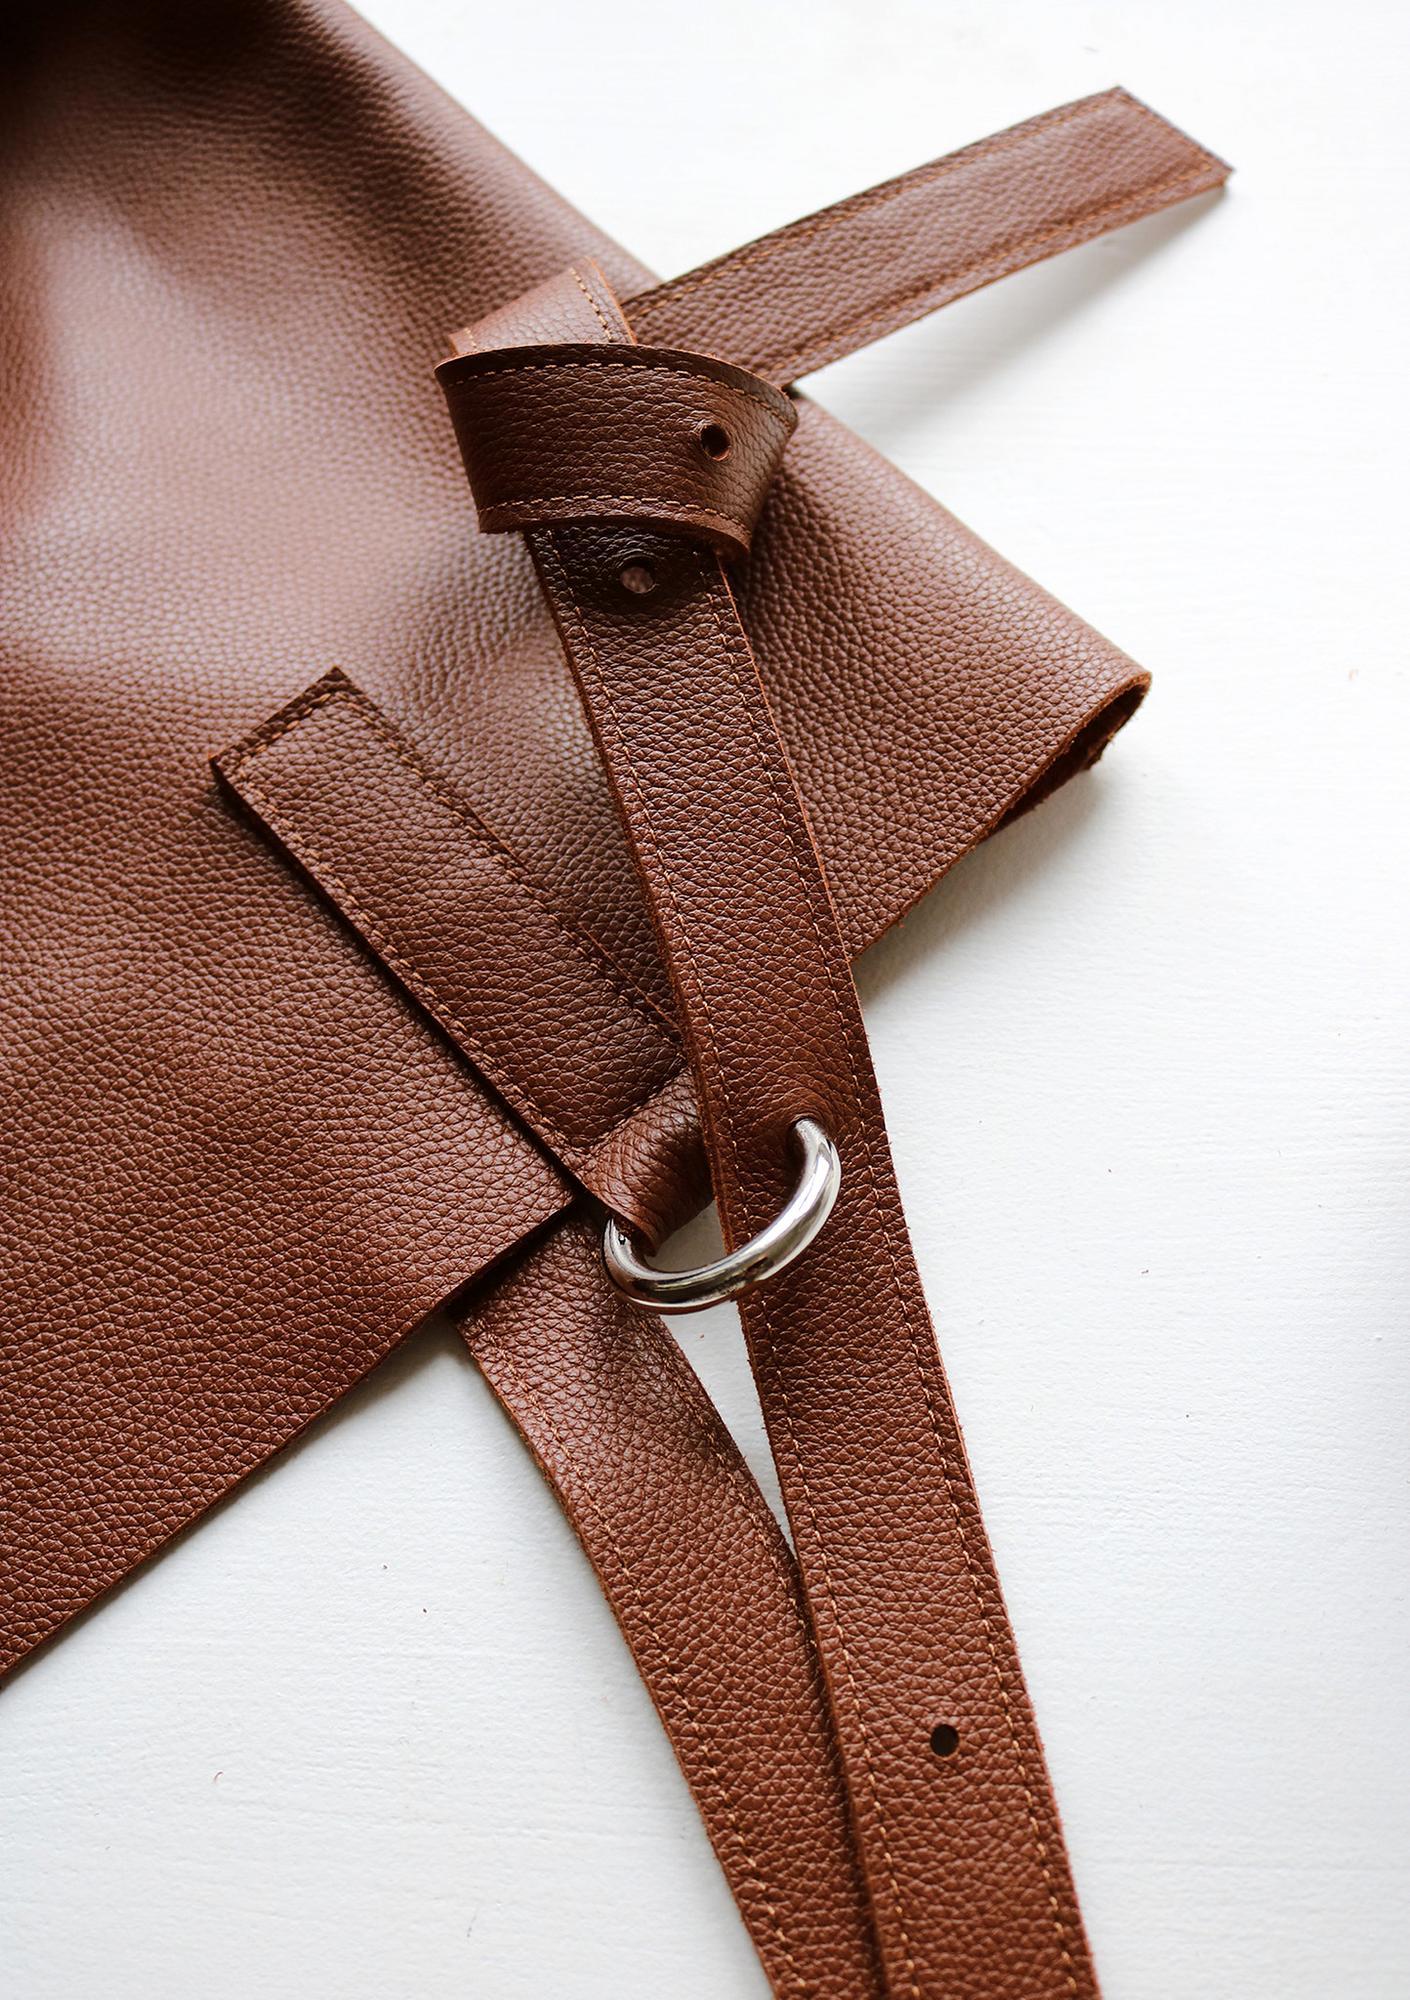 Torba Shopper Bag Cinnamon Nasza wersja shopperki to największa i najpojemniejsza torba jaka dotąd powstała w studiu AGL Torba jest minimalistyczna w formie jednak posiada kilka bardzo praktycznych rozwiązań które czynią ją wyjątkową a także bardzo wygodną w użytkowaniu Ręcznie wykonana z najwyższej jakości włoskiej skóry naturalnej Rączki z sześcio stopniową regulacją dzięki której możemy zmieniać ich długość z krótkich po bardzo długie umożliwiające nawet założenie torby na krzyż w razie potrzeby Dwie kieszenie wewnętrzne większa do której zmieści się format A4 oraz mniejsza zamykana na zamek Wewnątrz 2 karabińczyki do których możemy przypiąć np klucze lub saszetkę z innej torby jak np z naszej Boxy Bag lub też Belt Pouch dzięki czemu zyskujemy jeszcze jedną kieszeń Otwór torby możemy znacznie zmniejszyć dzięki związaniu dwóch sznureczków znajdujących się wewnątrz torby wówczas zmieni ona lekko swój kształt i przybierze bardziej zwartą formę uniemożliwiającą zaglądanie do jej środka